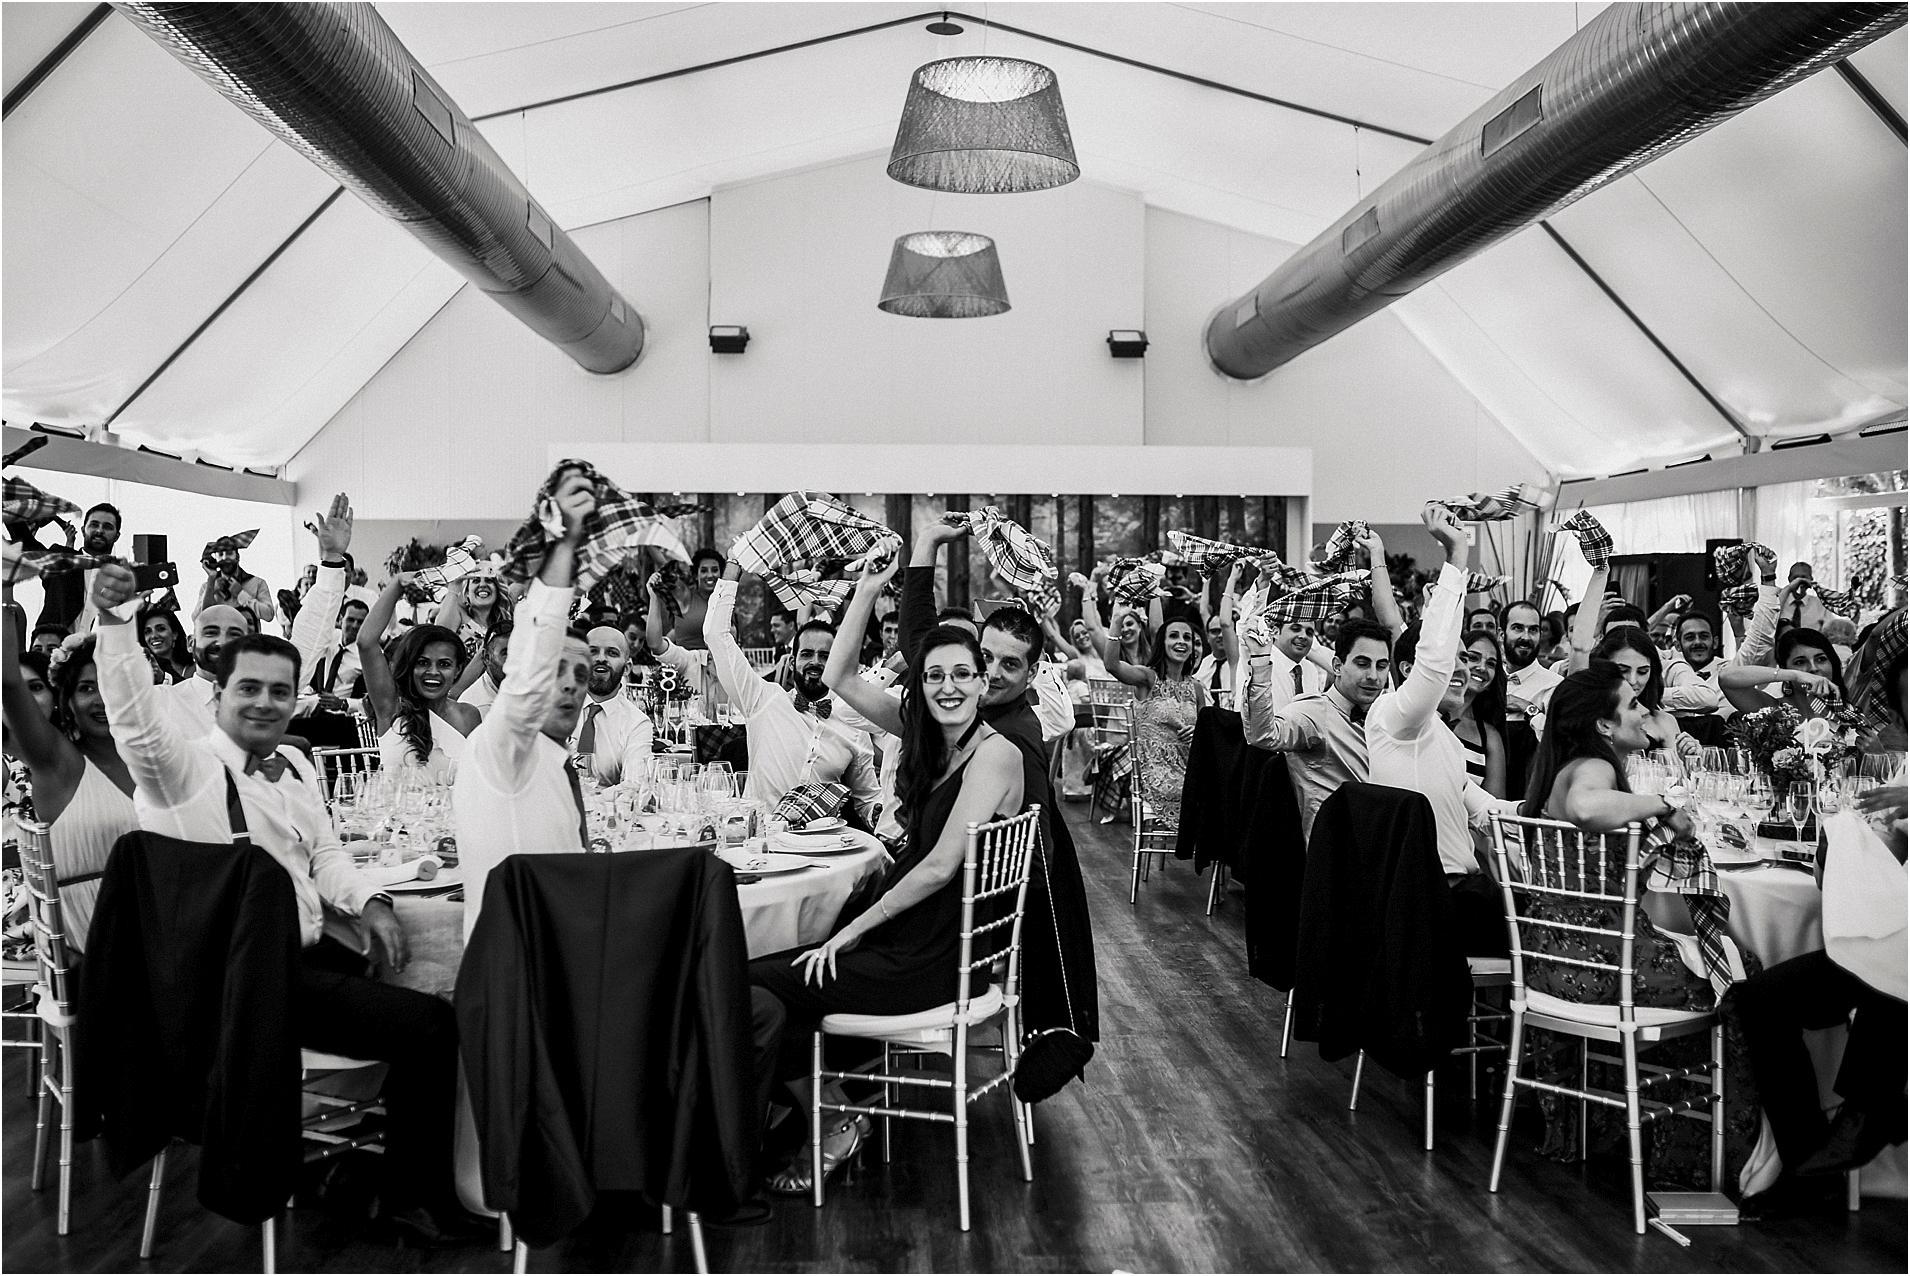 Fotografos-de-boda-donostia-zaragoza-san-sebastian-destination-wedding-photographer-86.jpg